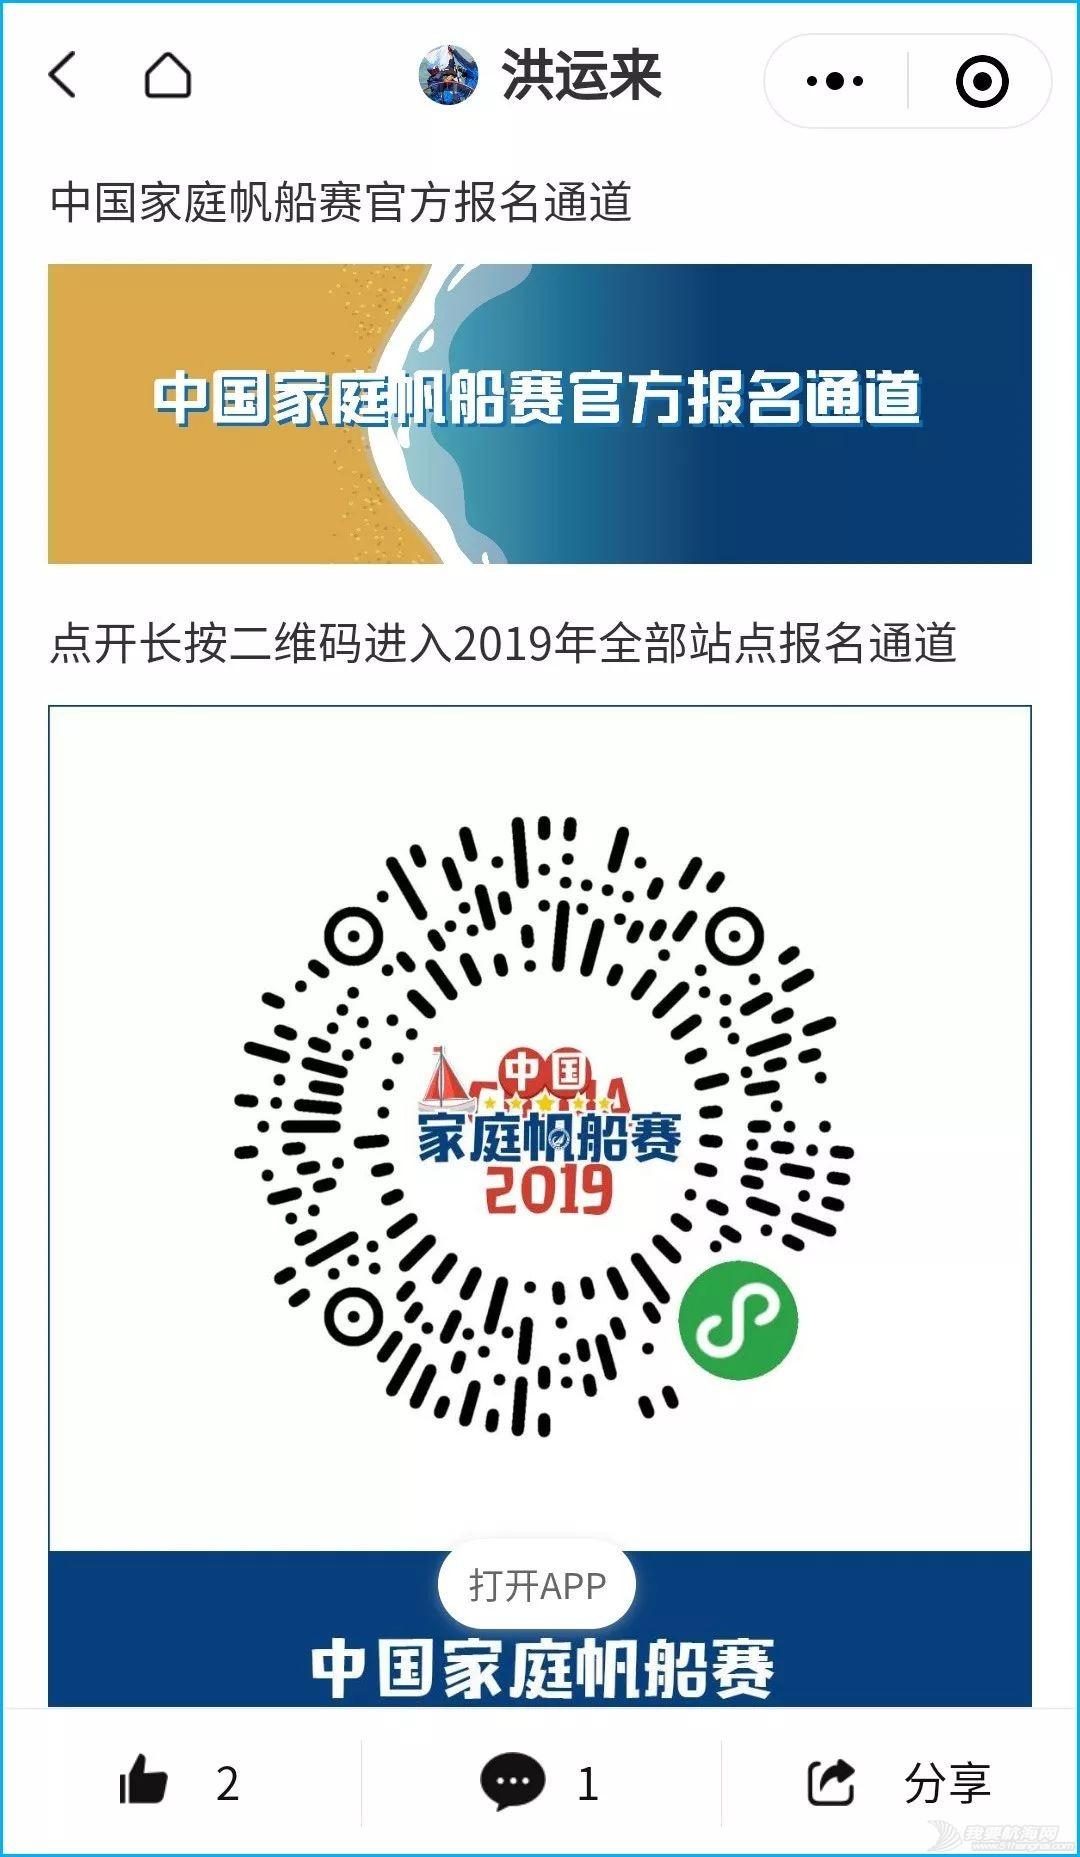 2019中国家庭帆船赛三亚站来了 三招带你玩转家帆赛官方互动小程序w7.jpg